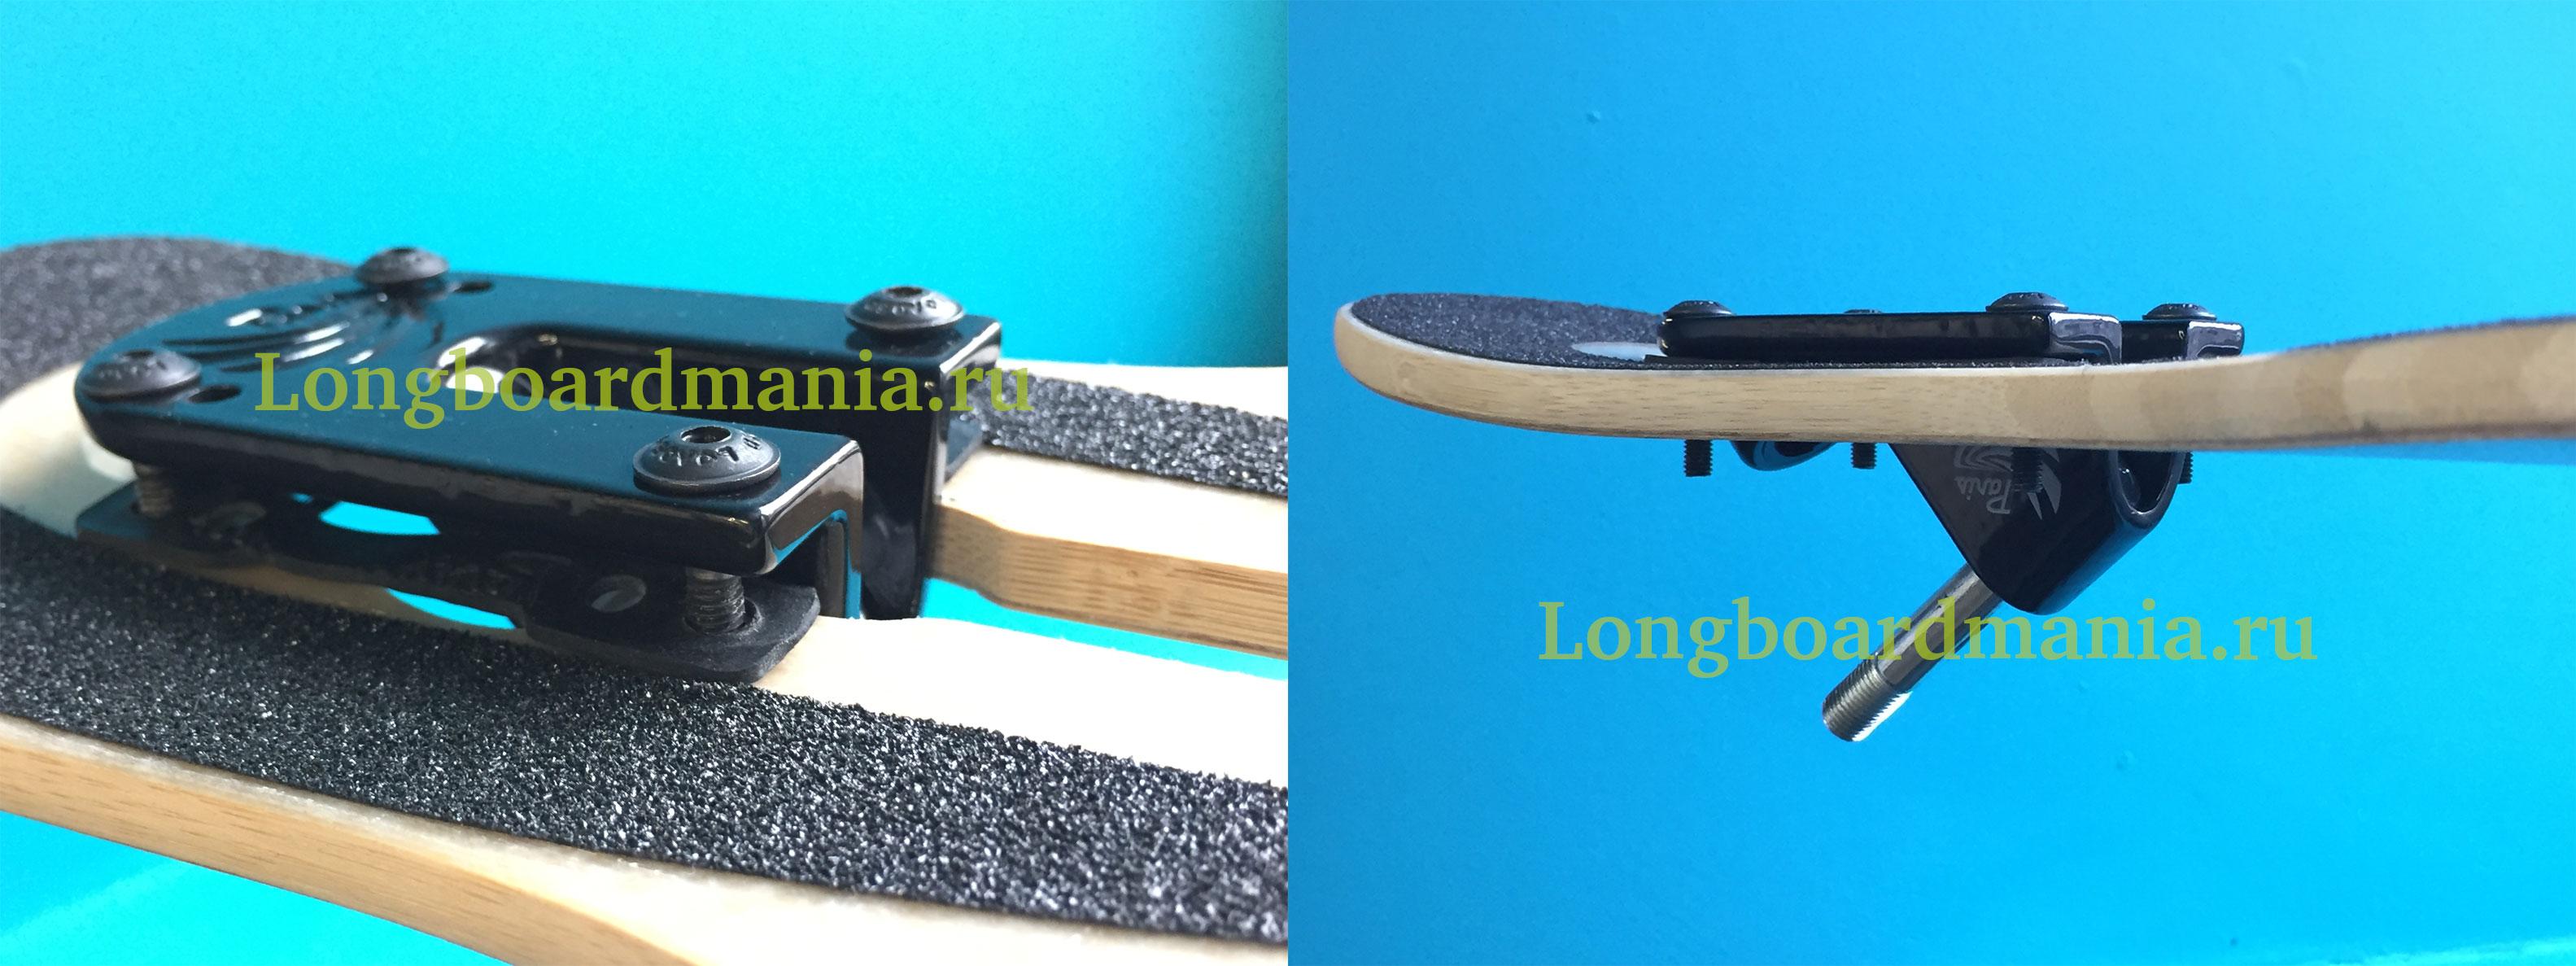 Как поставить подвеску на лонгборд